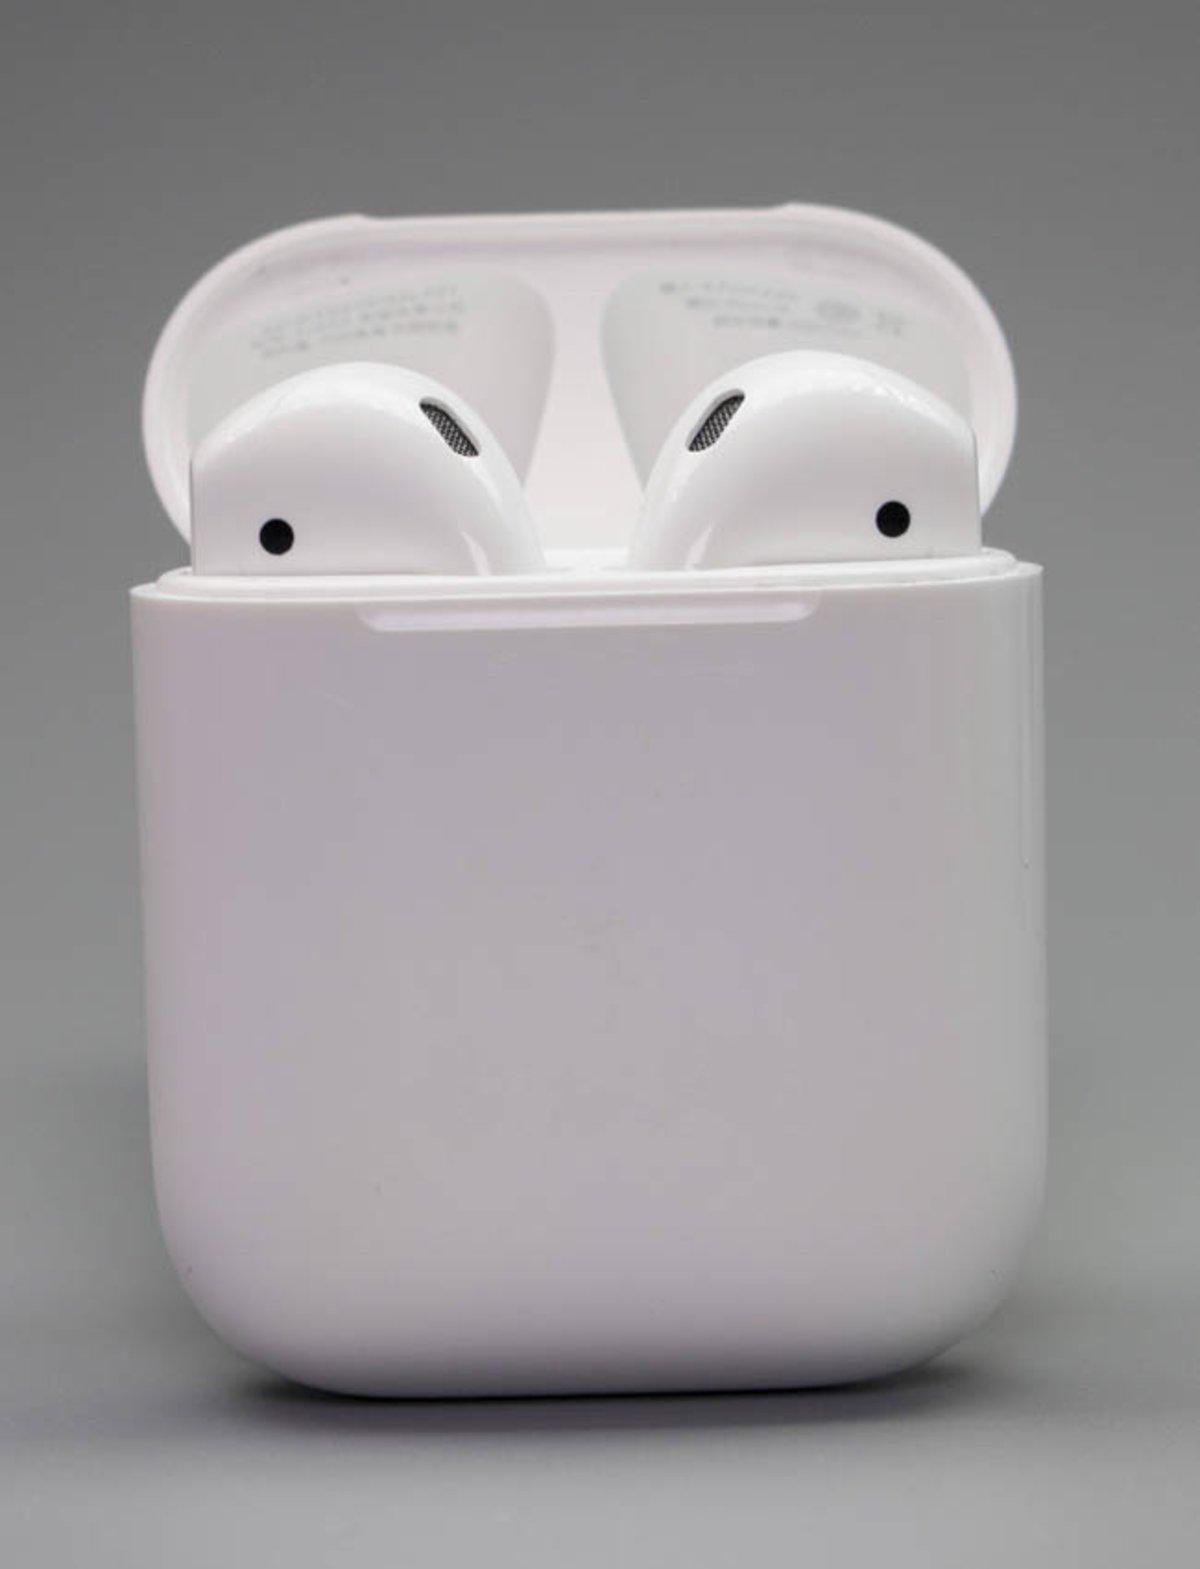 Apple verschenkt ab morgen Gutscheine: So kriegt ihr bis zu 150 Euro